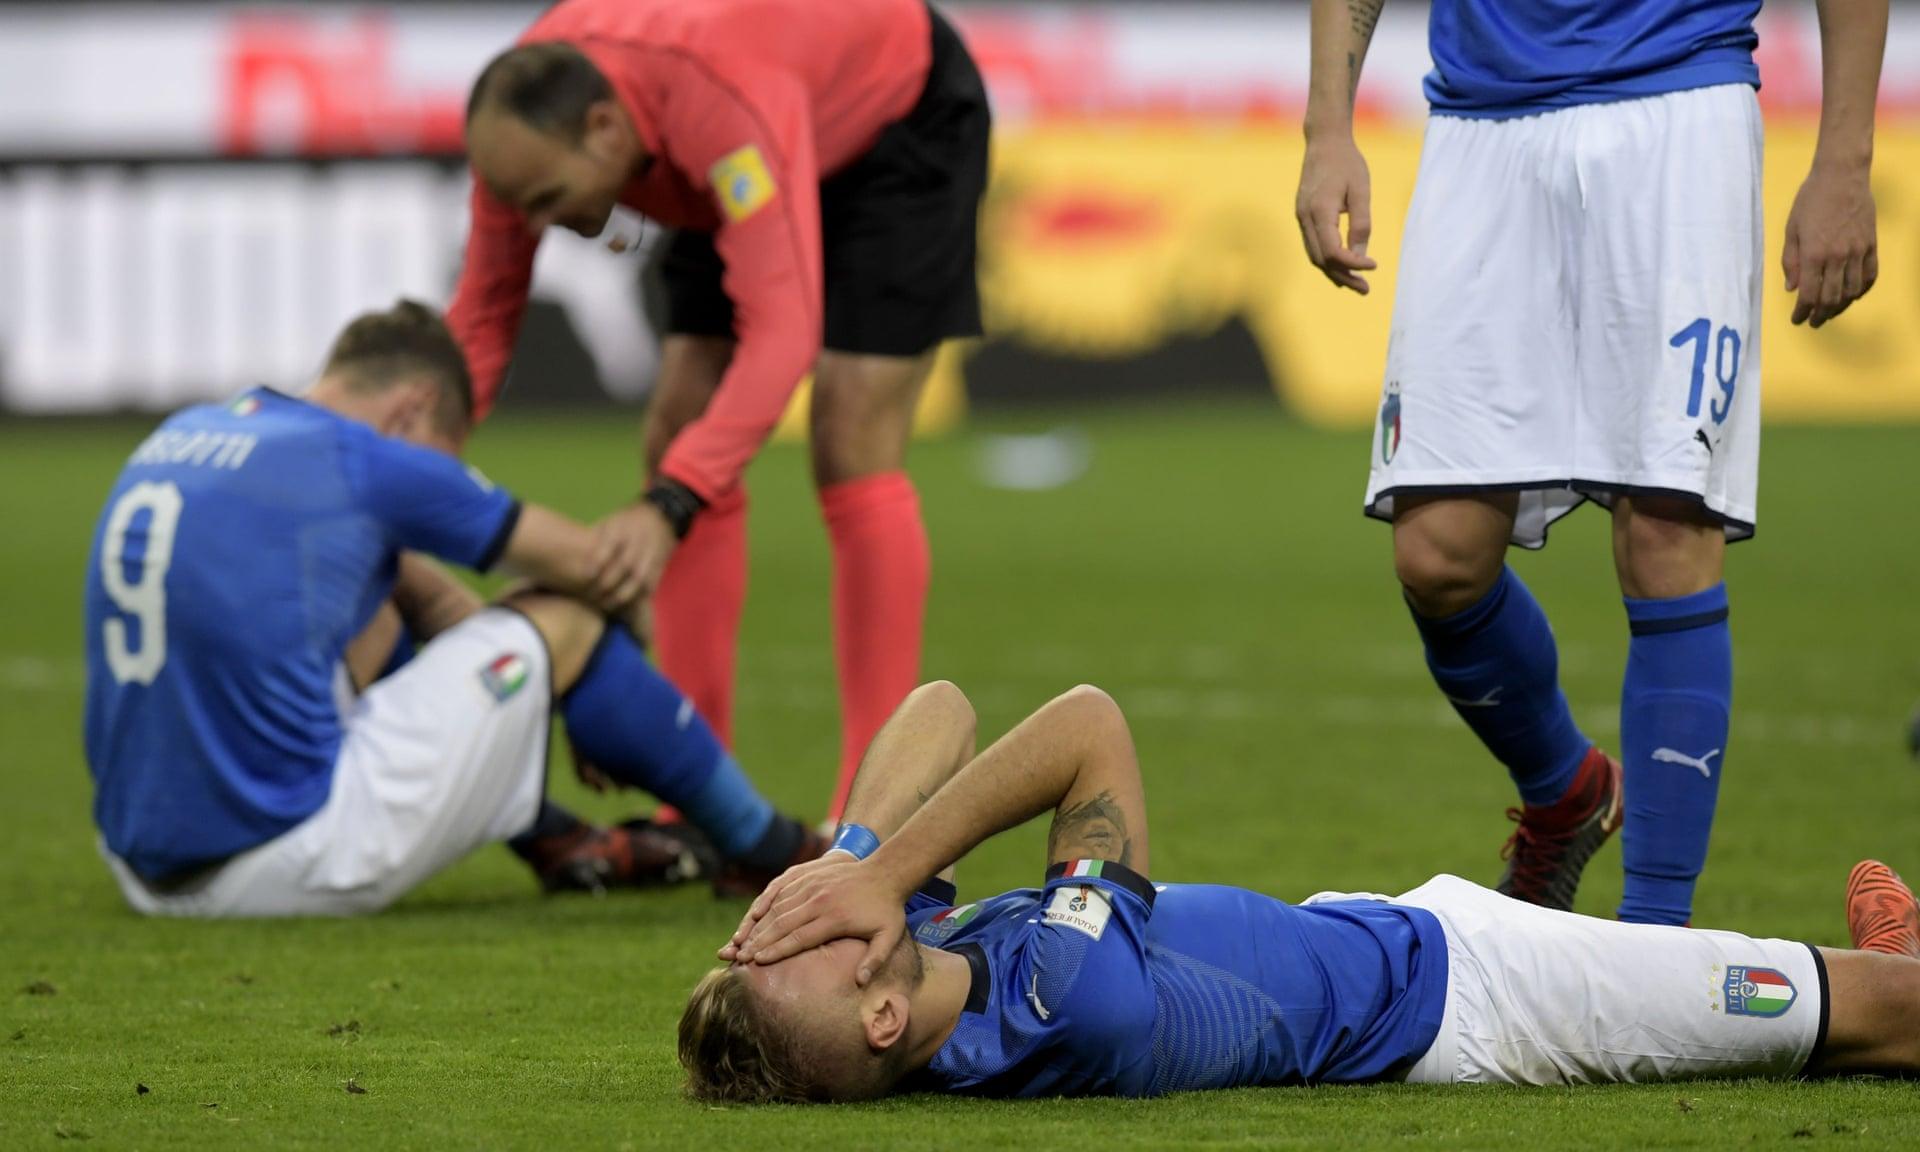 Hình ảnh: Playoff WC: Italy lần đầu tiên không được dự World Cup sau 60 năm. số 2